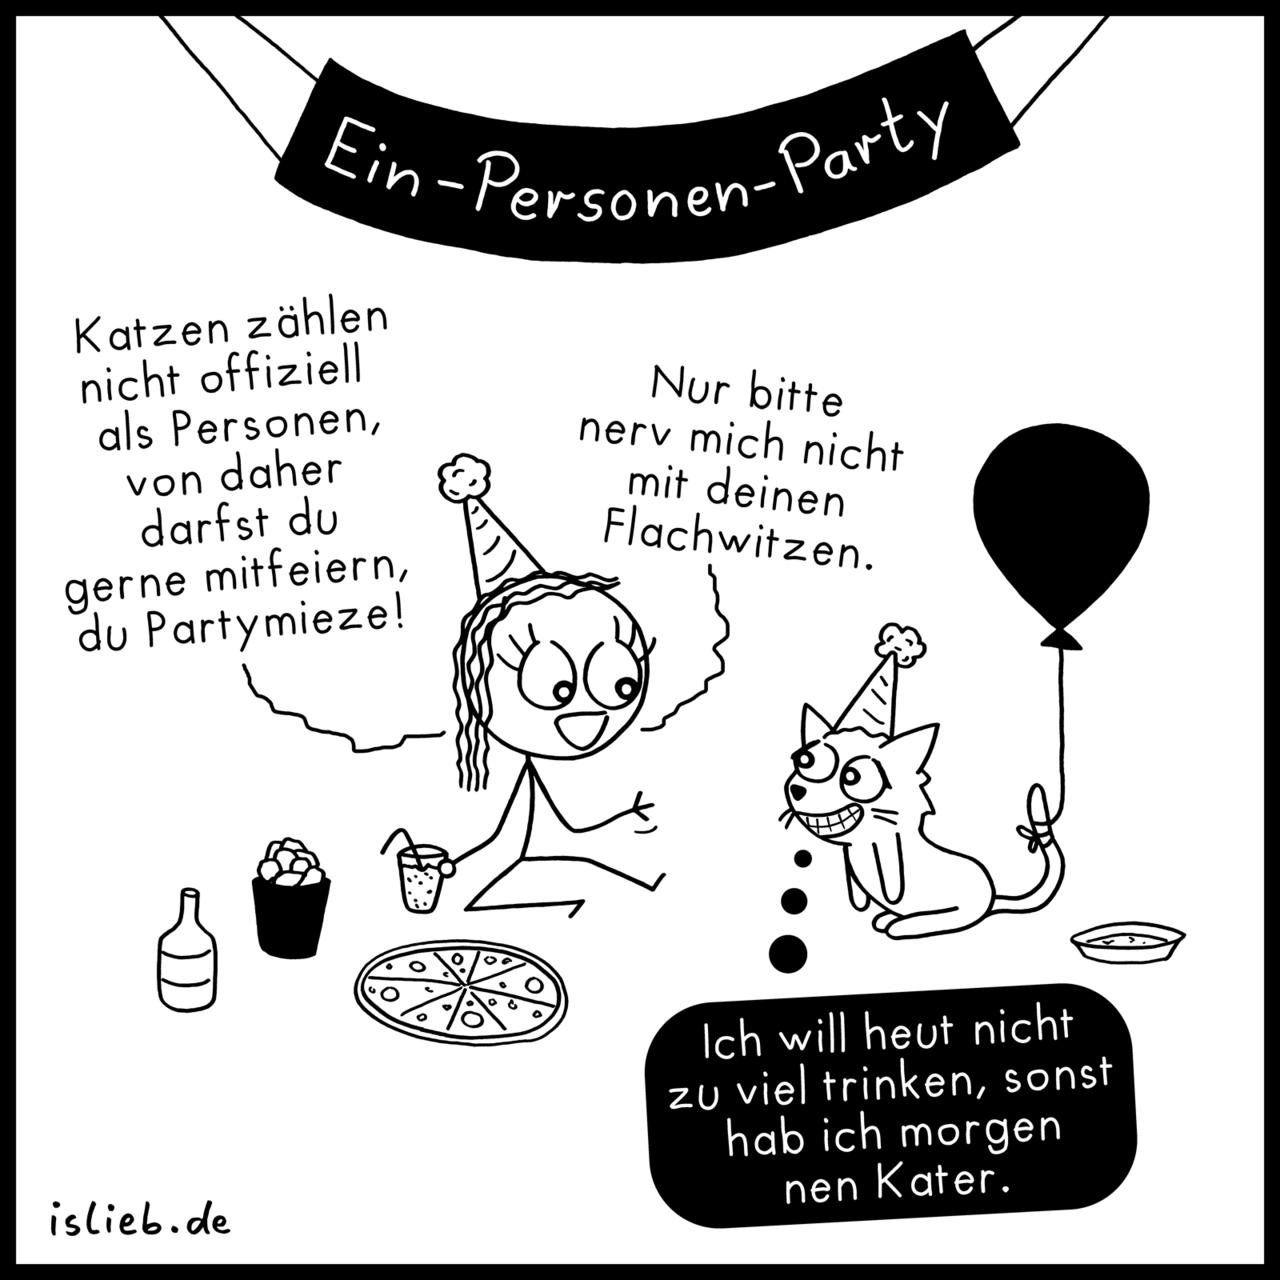 Ein-Personen-Party - #alleine #feiern #flachwitze #islieb #katze #mieze